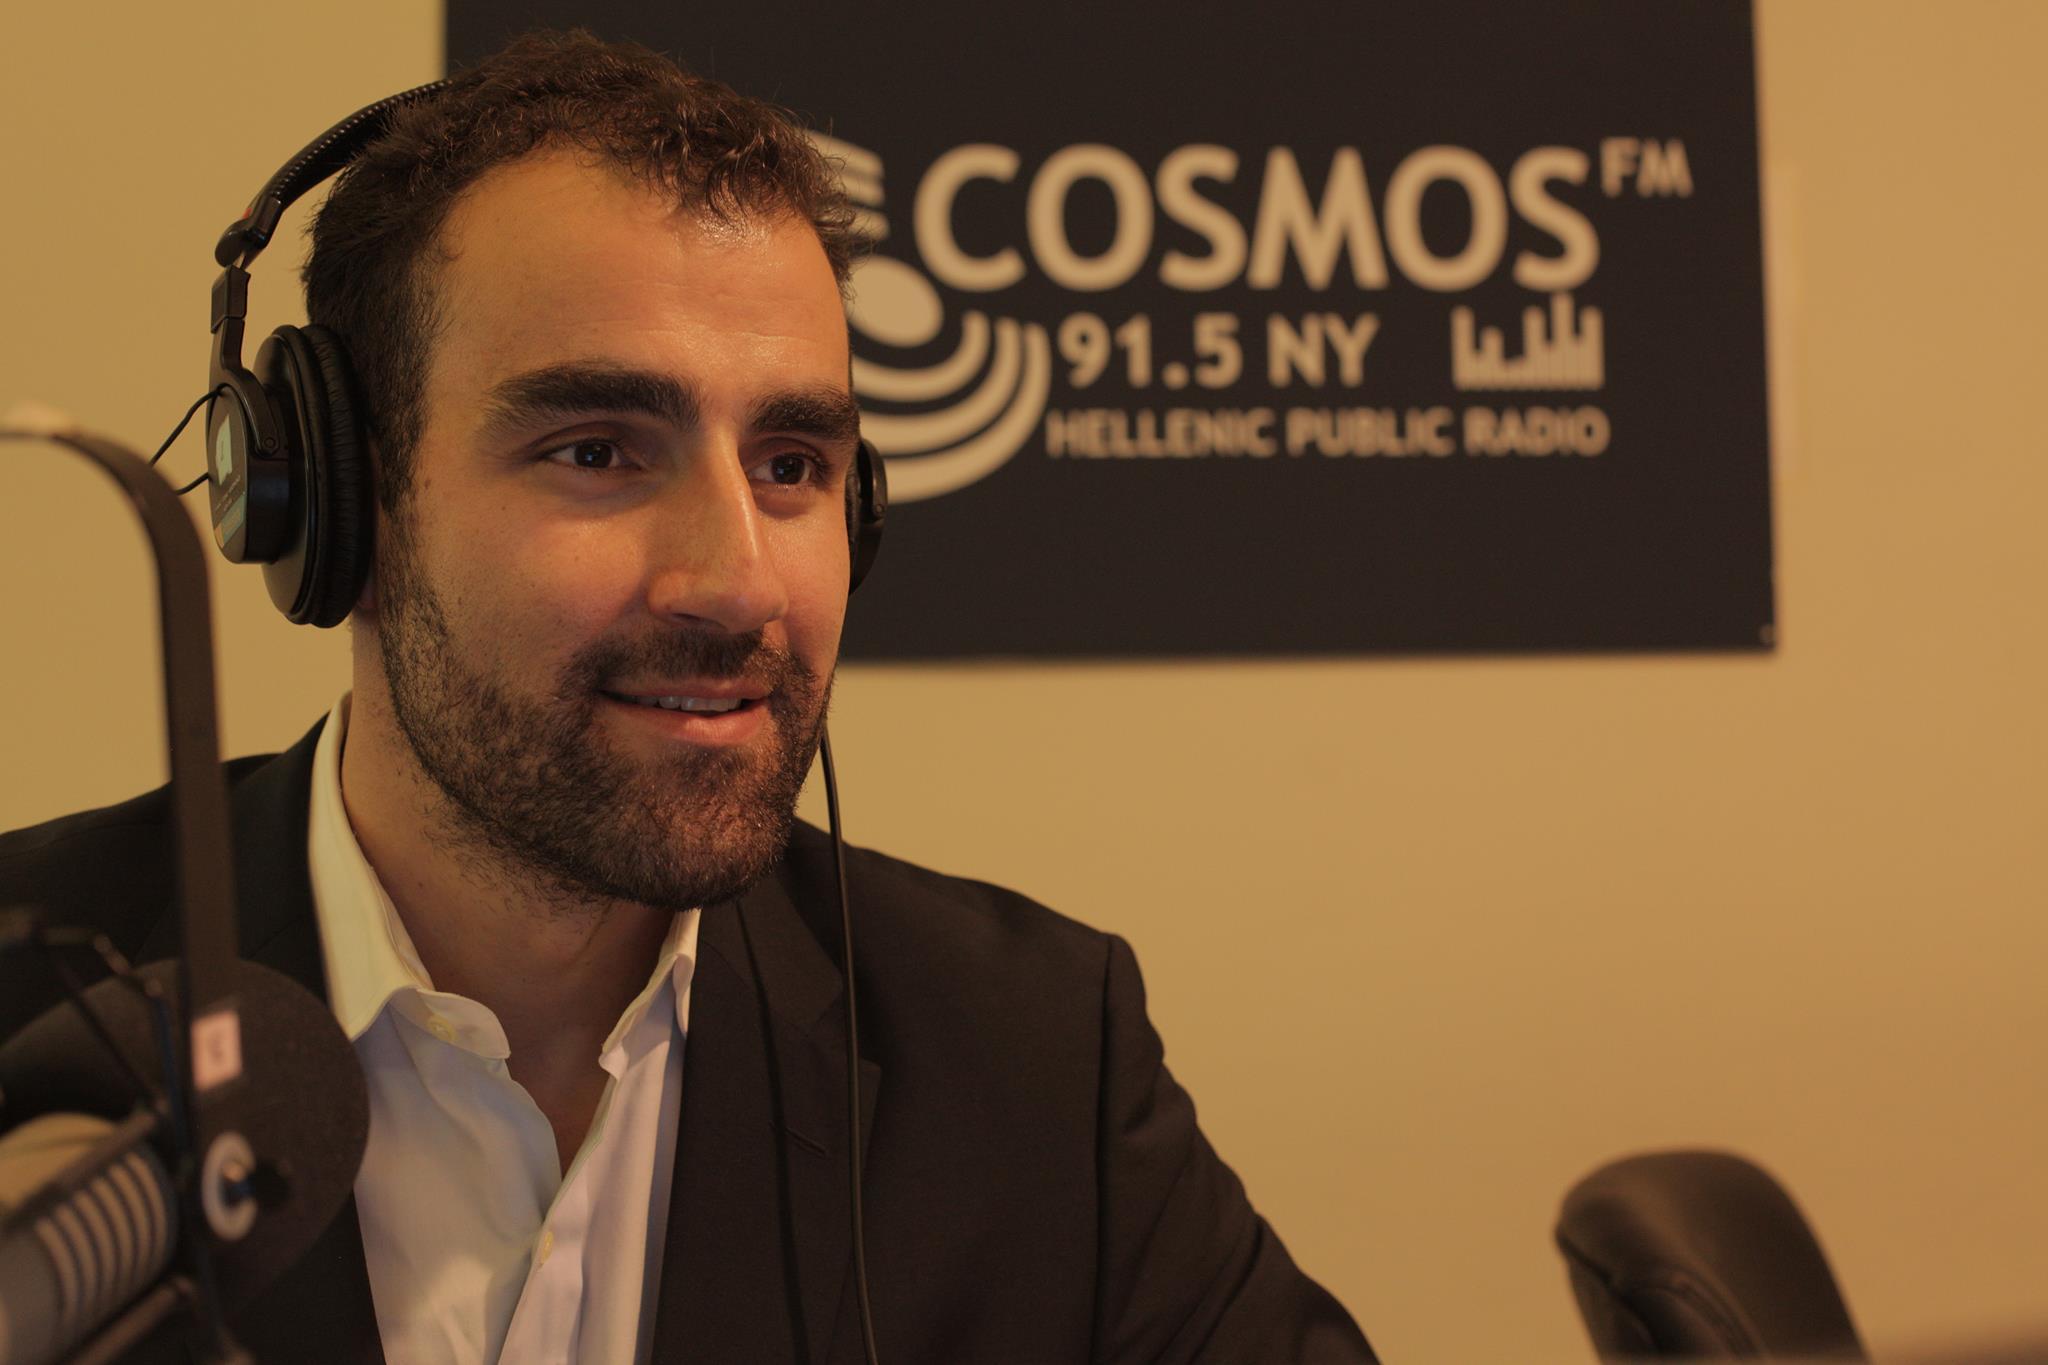 Ioannis Hatzaras